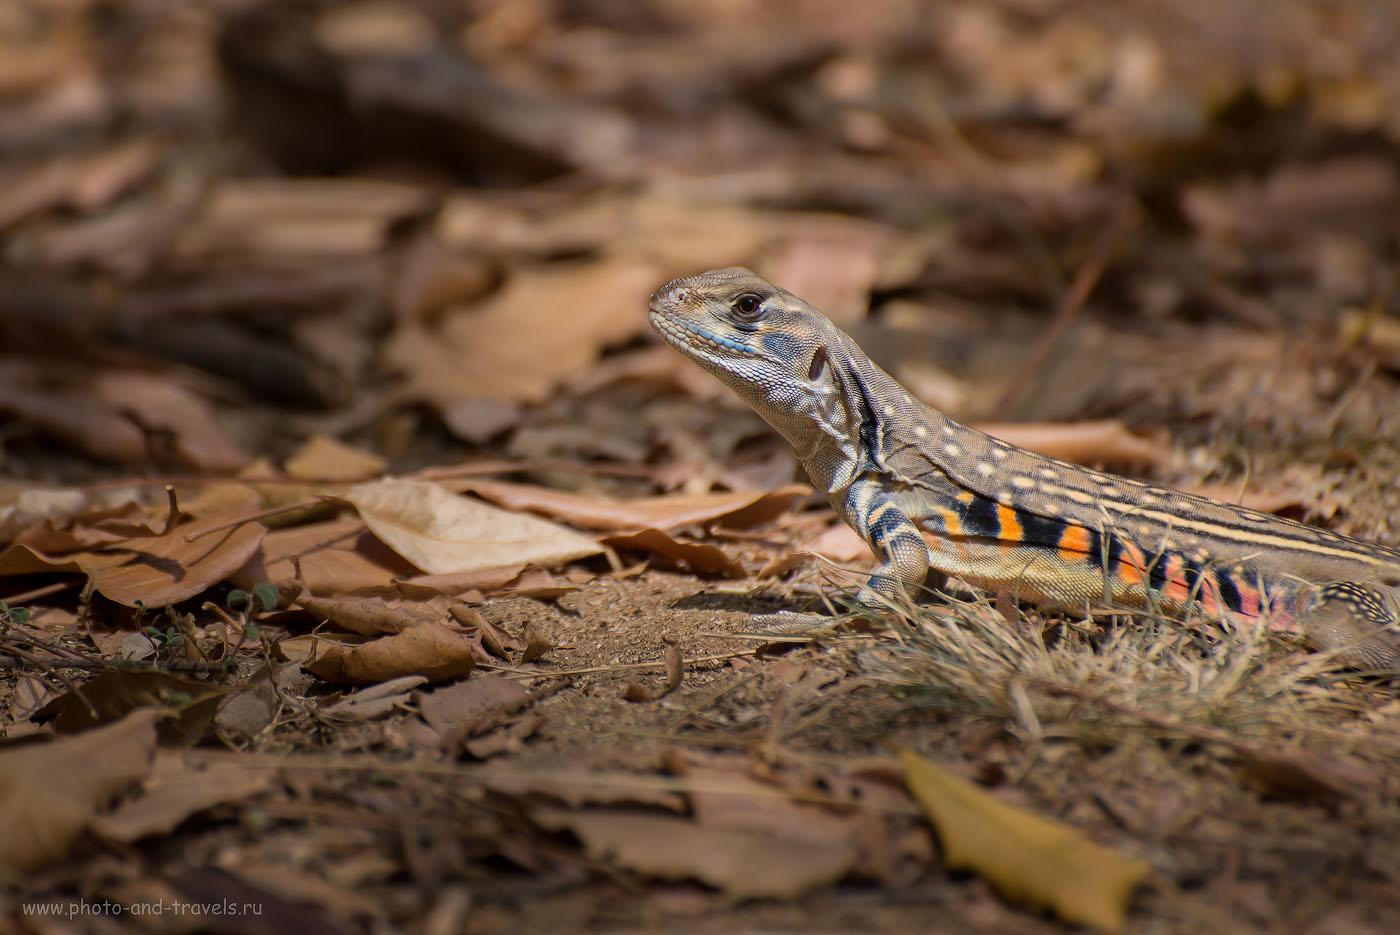 Фотография 10. Ящерица. Отзыв об экскурсии  в национальный парк Кхао Сам Рой Йот в Таиланде. Снимок с уровня глаз модели. (320, 270, 5.6, 1/1000, телеобъектив Nikkor 70-300, фотоаппарат Nikon D610)